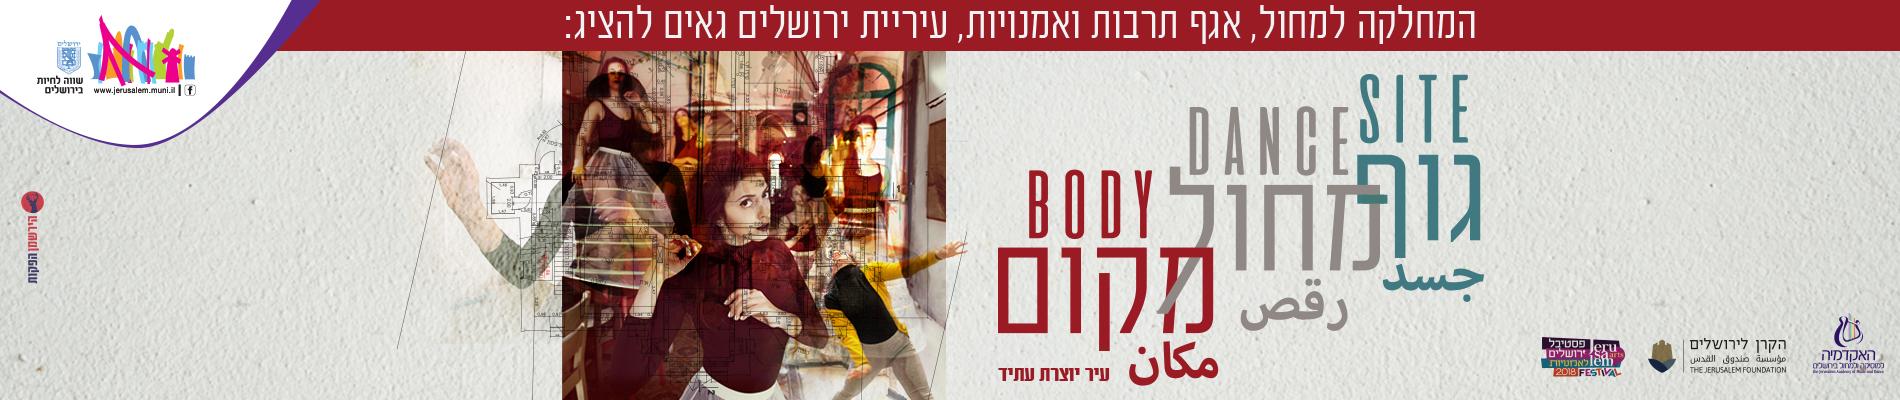 גוף מקום מחול - אירוע שוטטות בין יצירות מחול תלויות מקום המתכתבות עם ירושלים